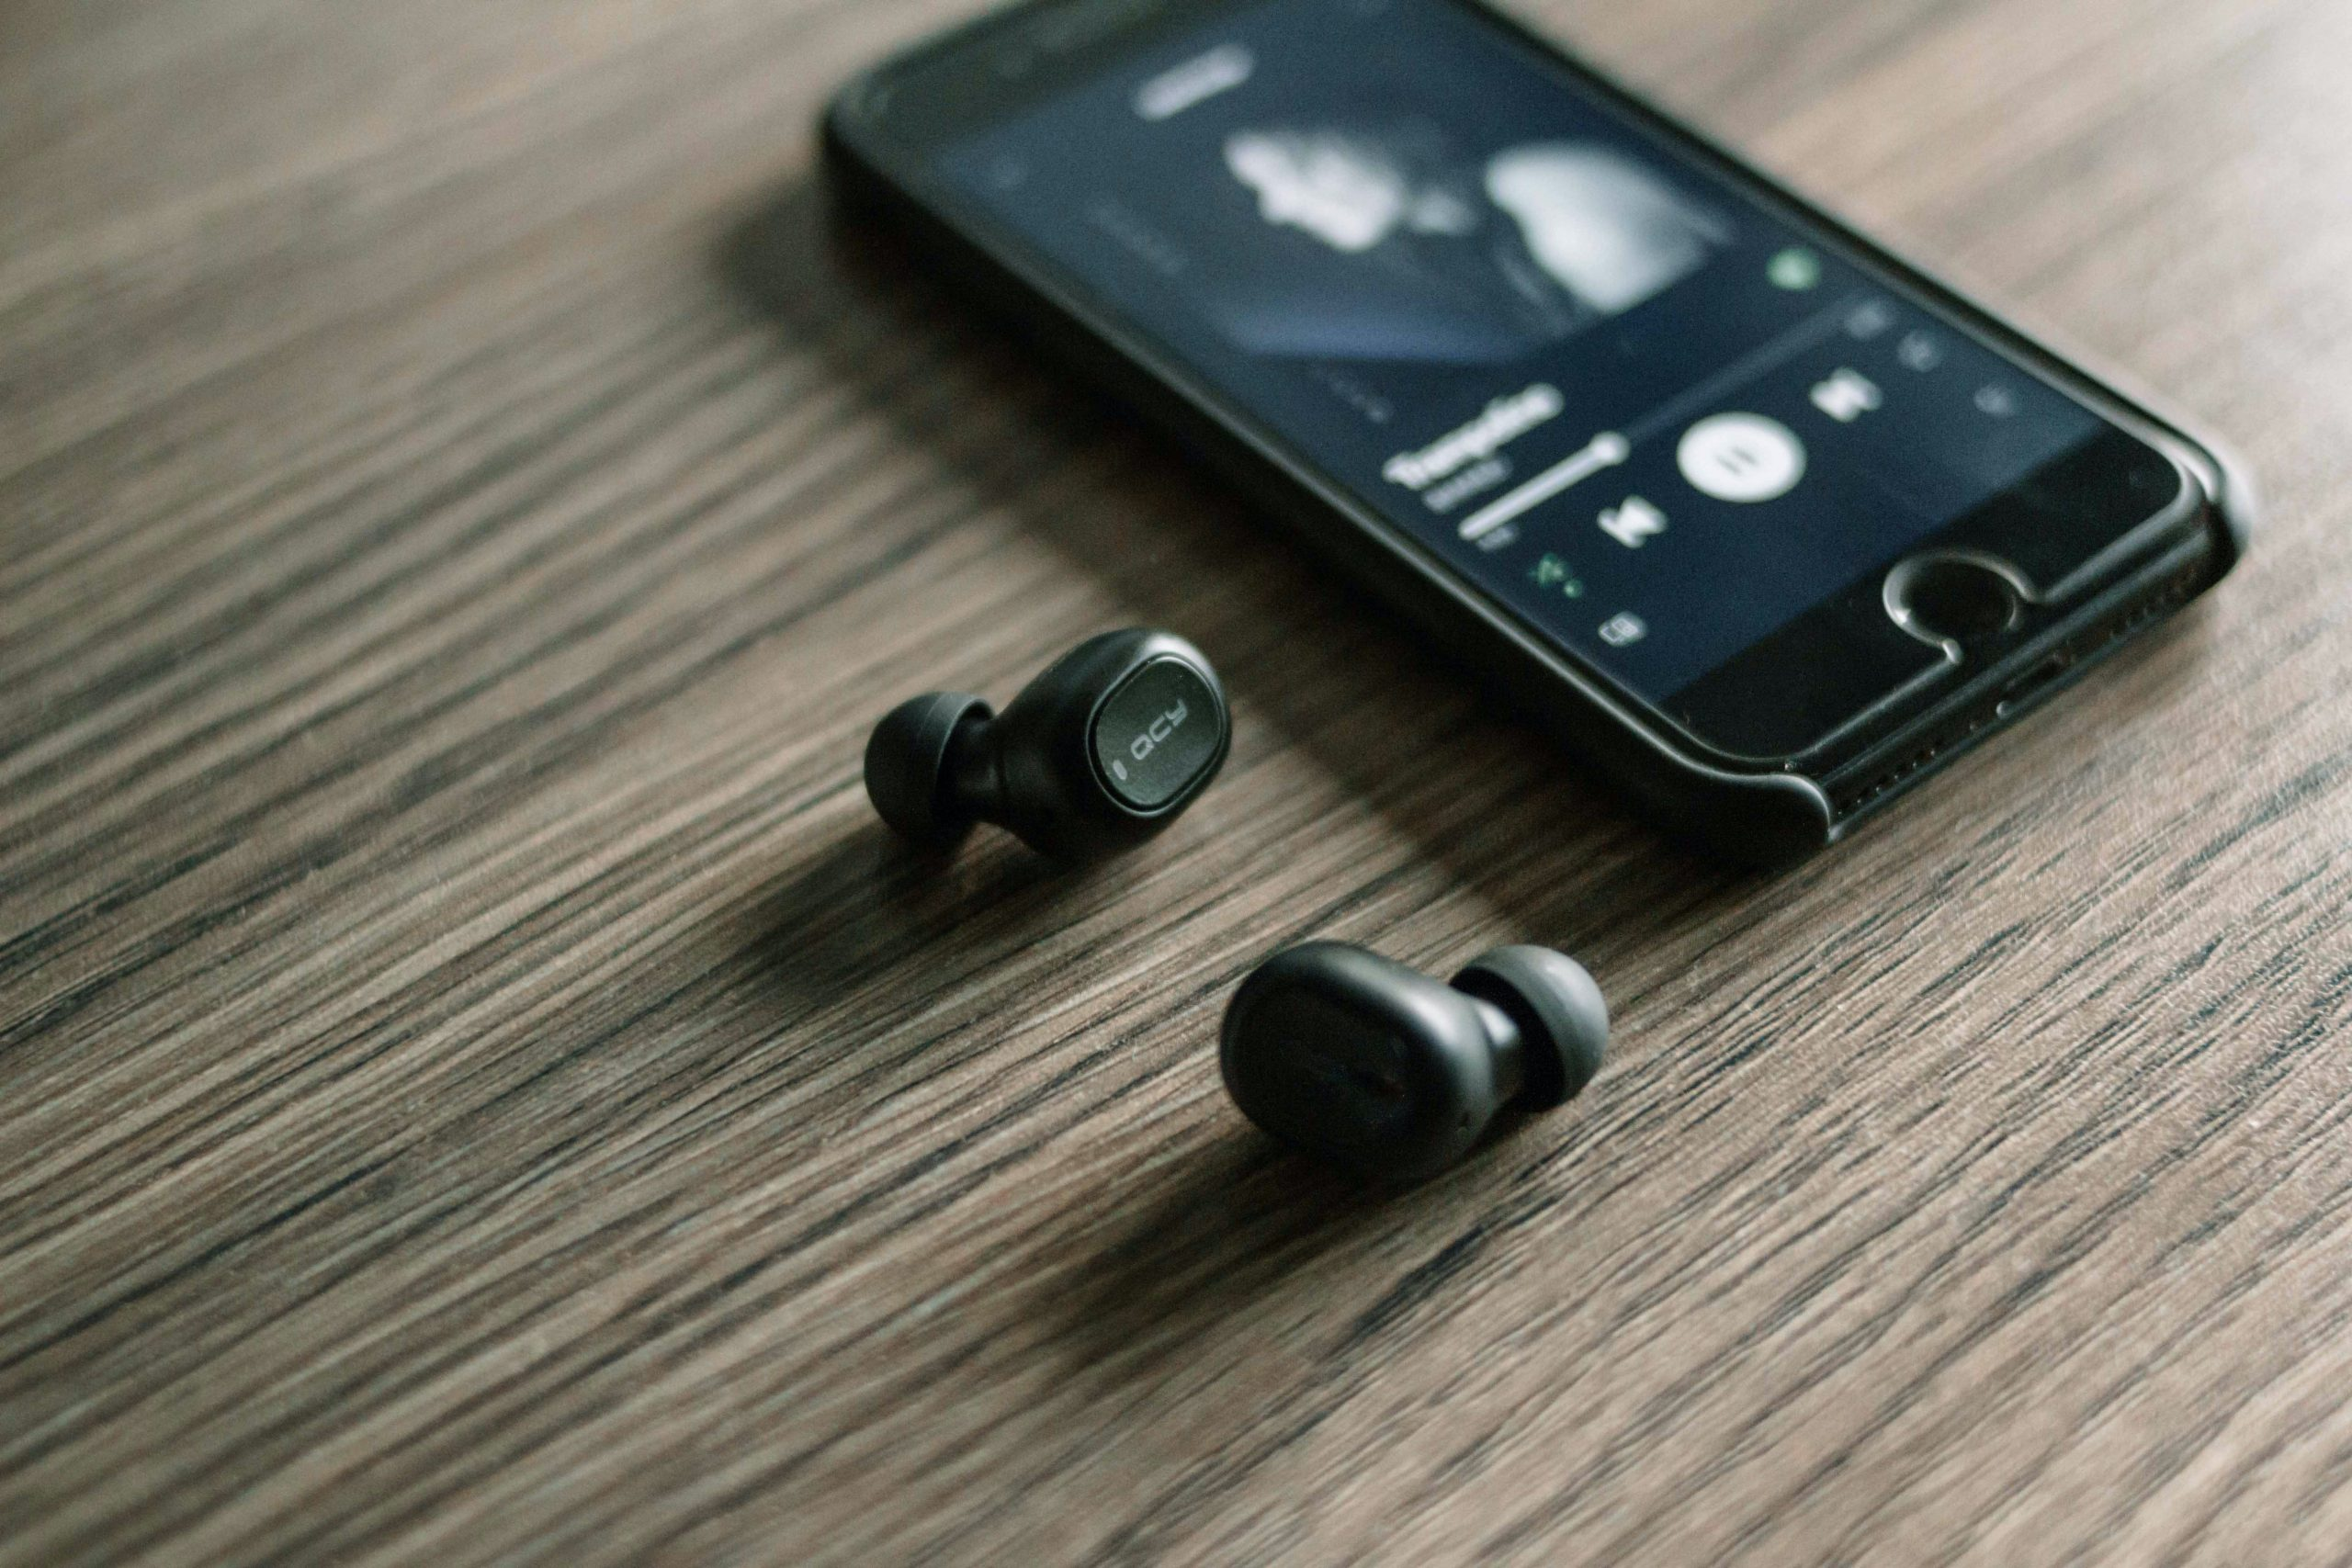 Musica in streaming: quanto lavoro sparisce se i cantanti fanno i discografici di se stessi?